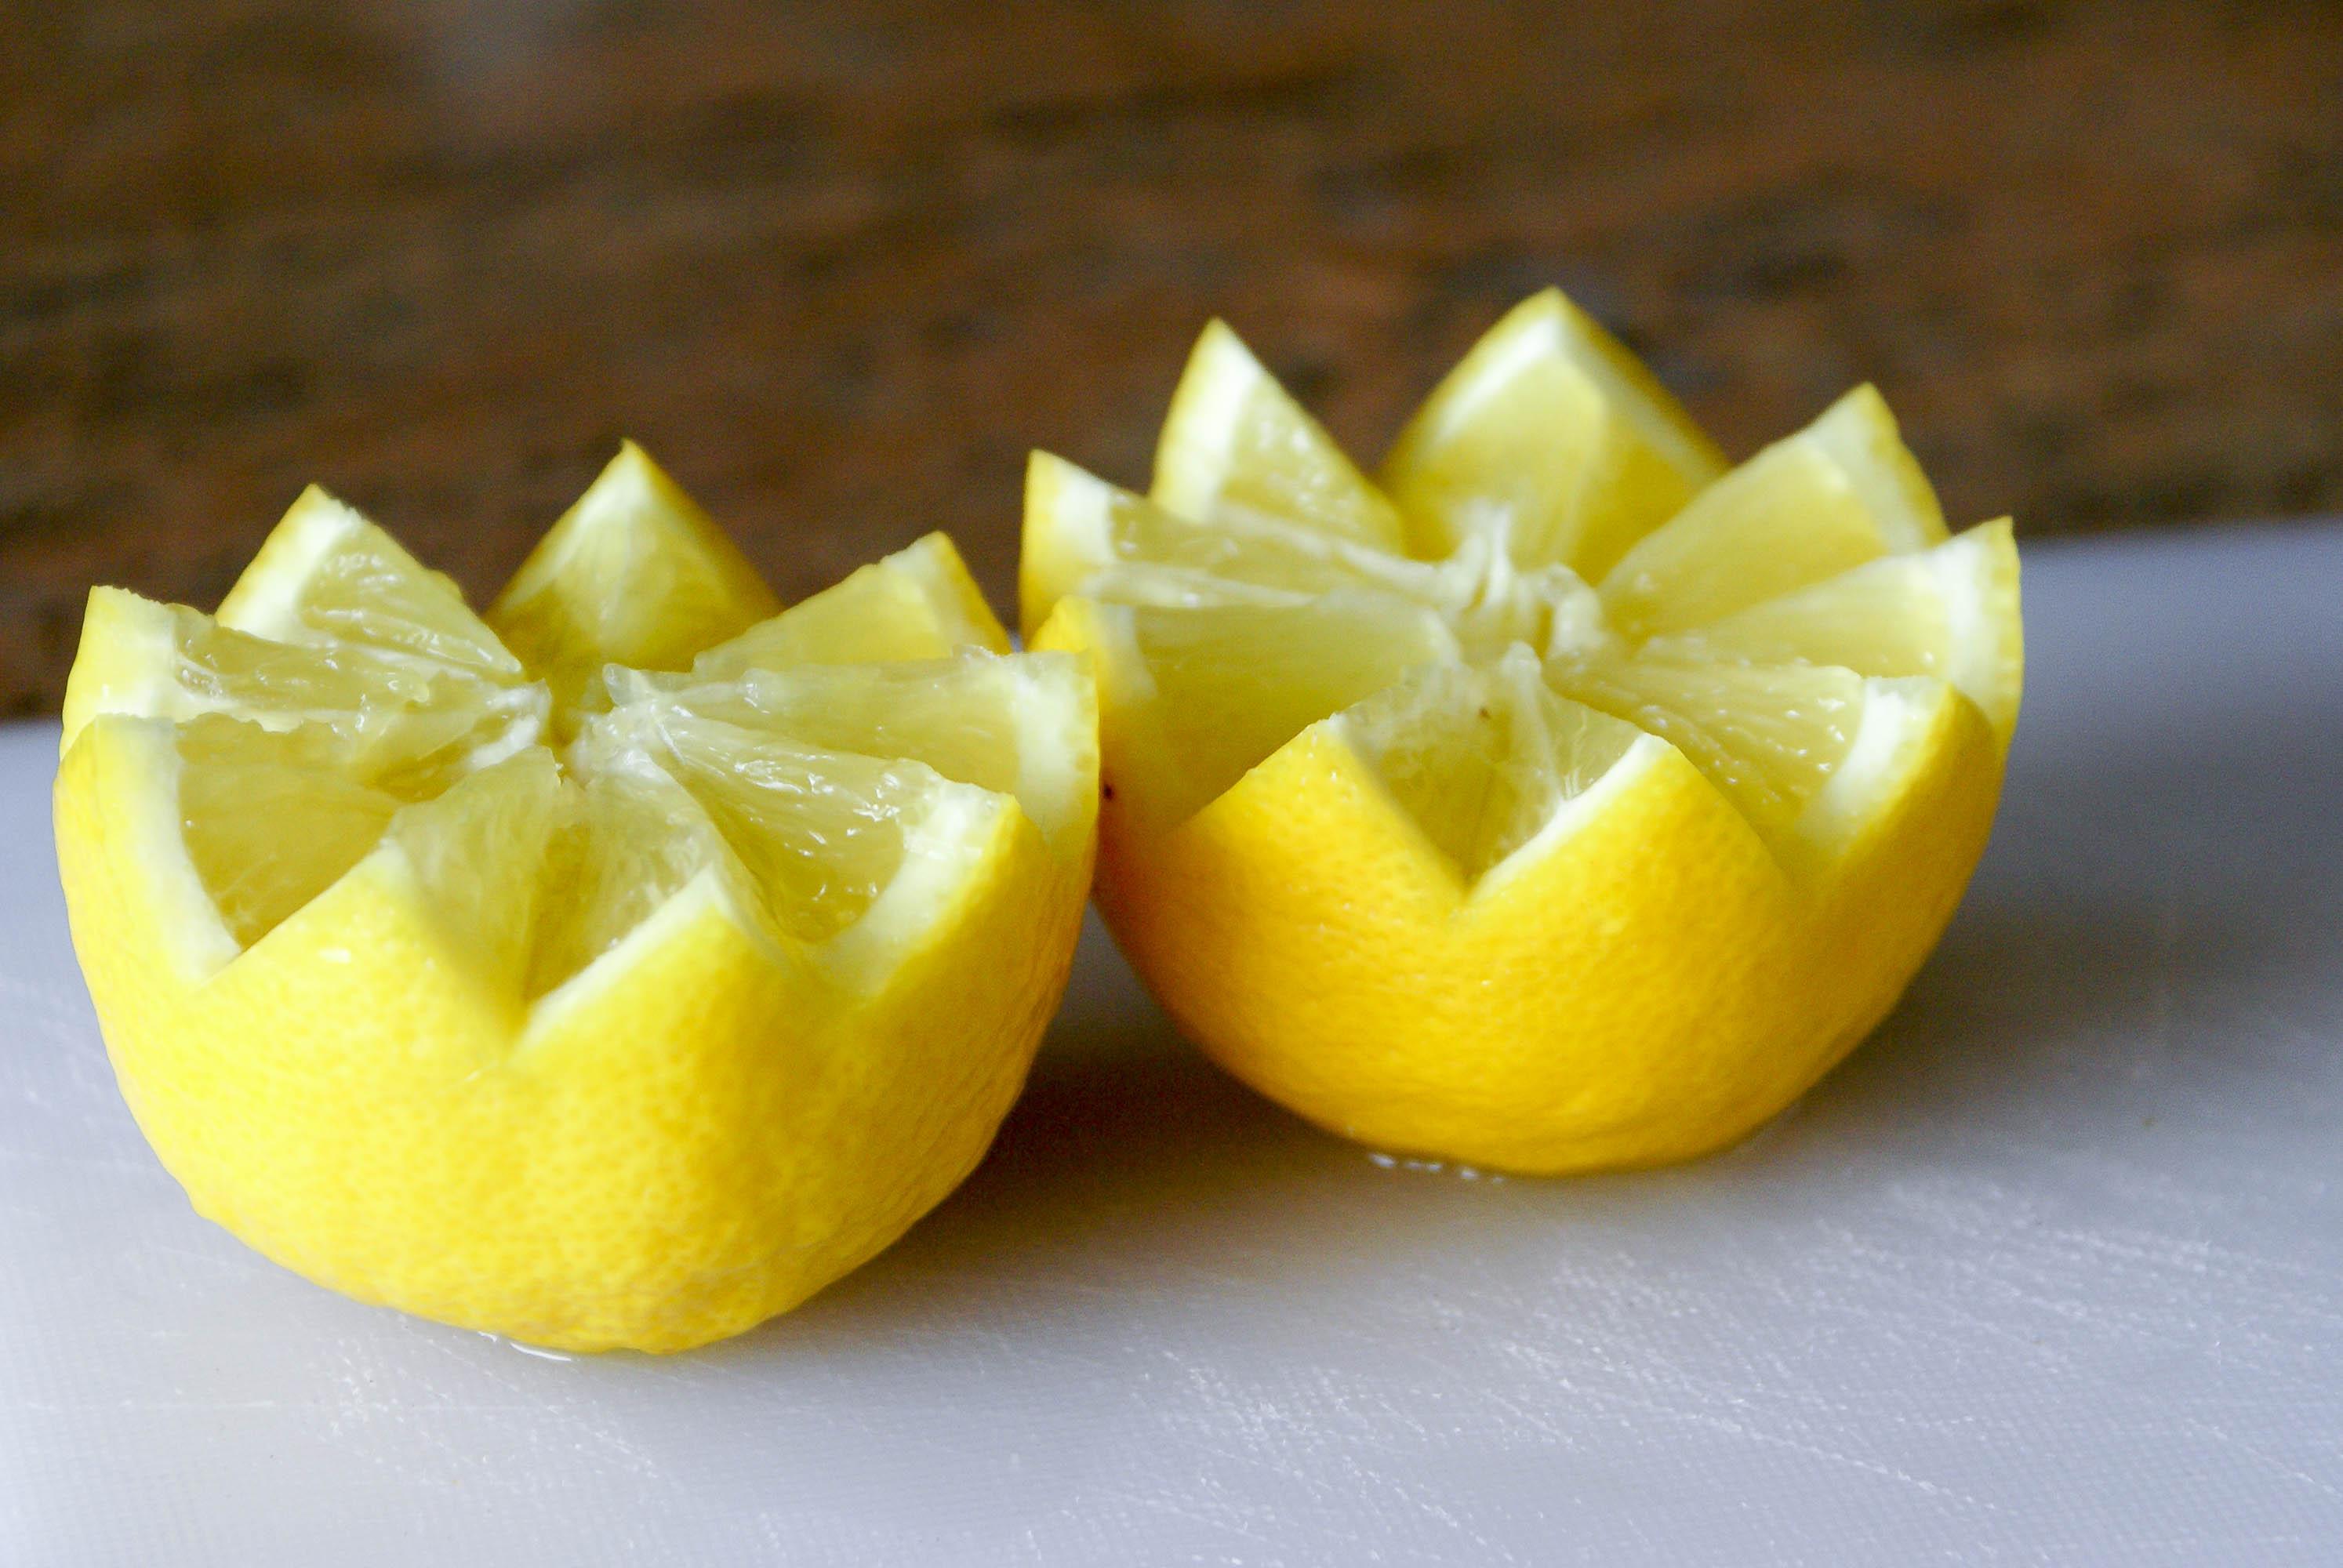 historier un citron d couper un citron en dents de loup par chef simon. Black Bedroom Furniture Sets. Home Design Ideas